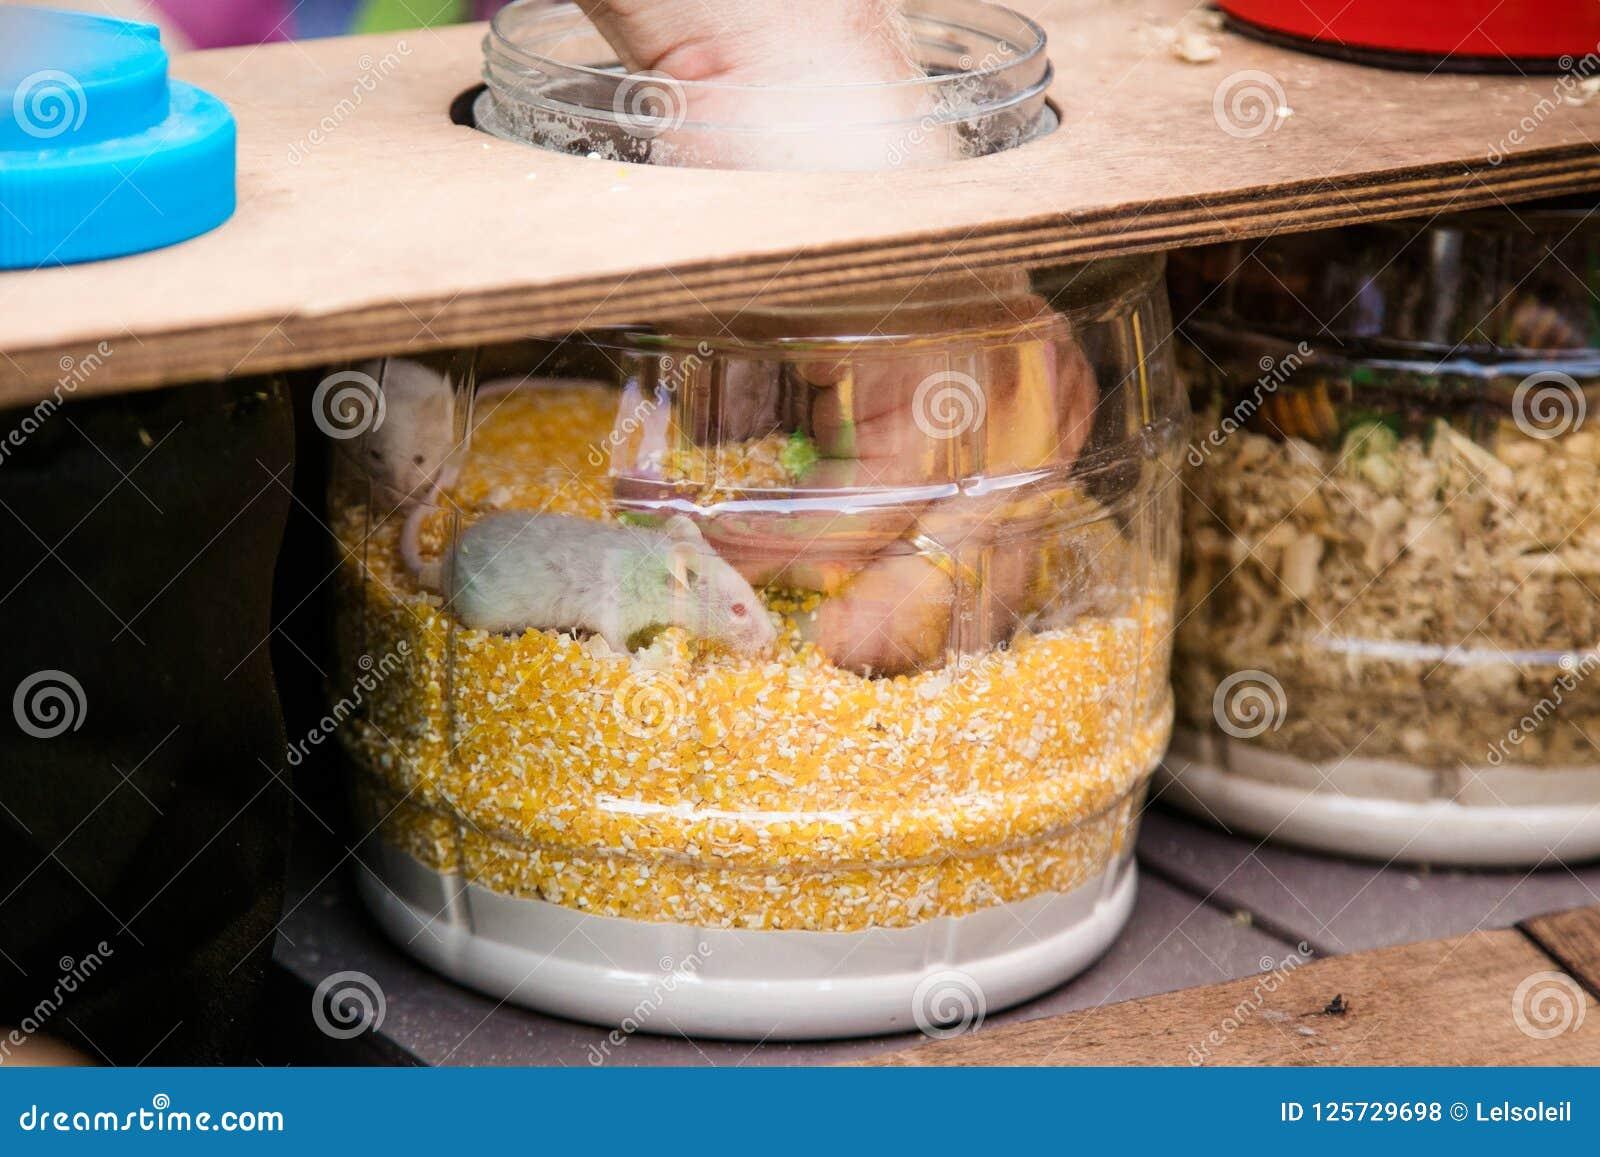 Zgrzyta z piłkami, mouses i ludzki ręki znalezienie coś Gemowy poszukiwanie dla dzieci i dorosłych